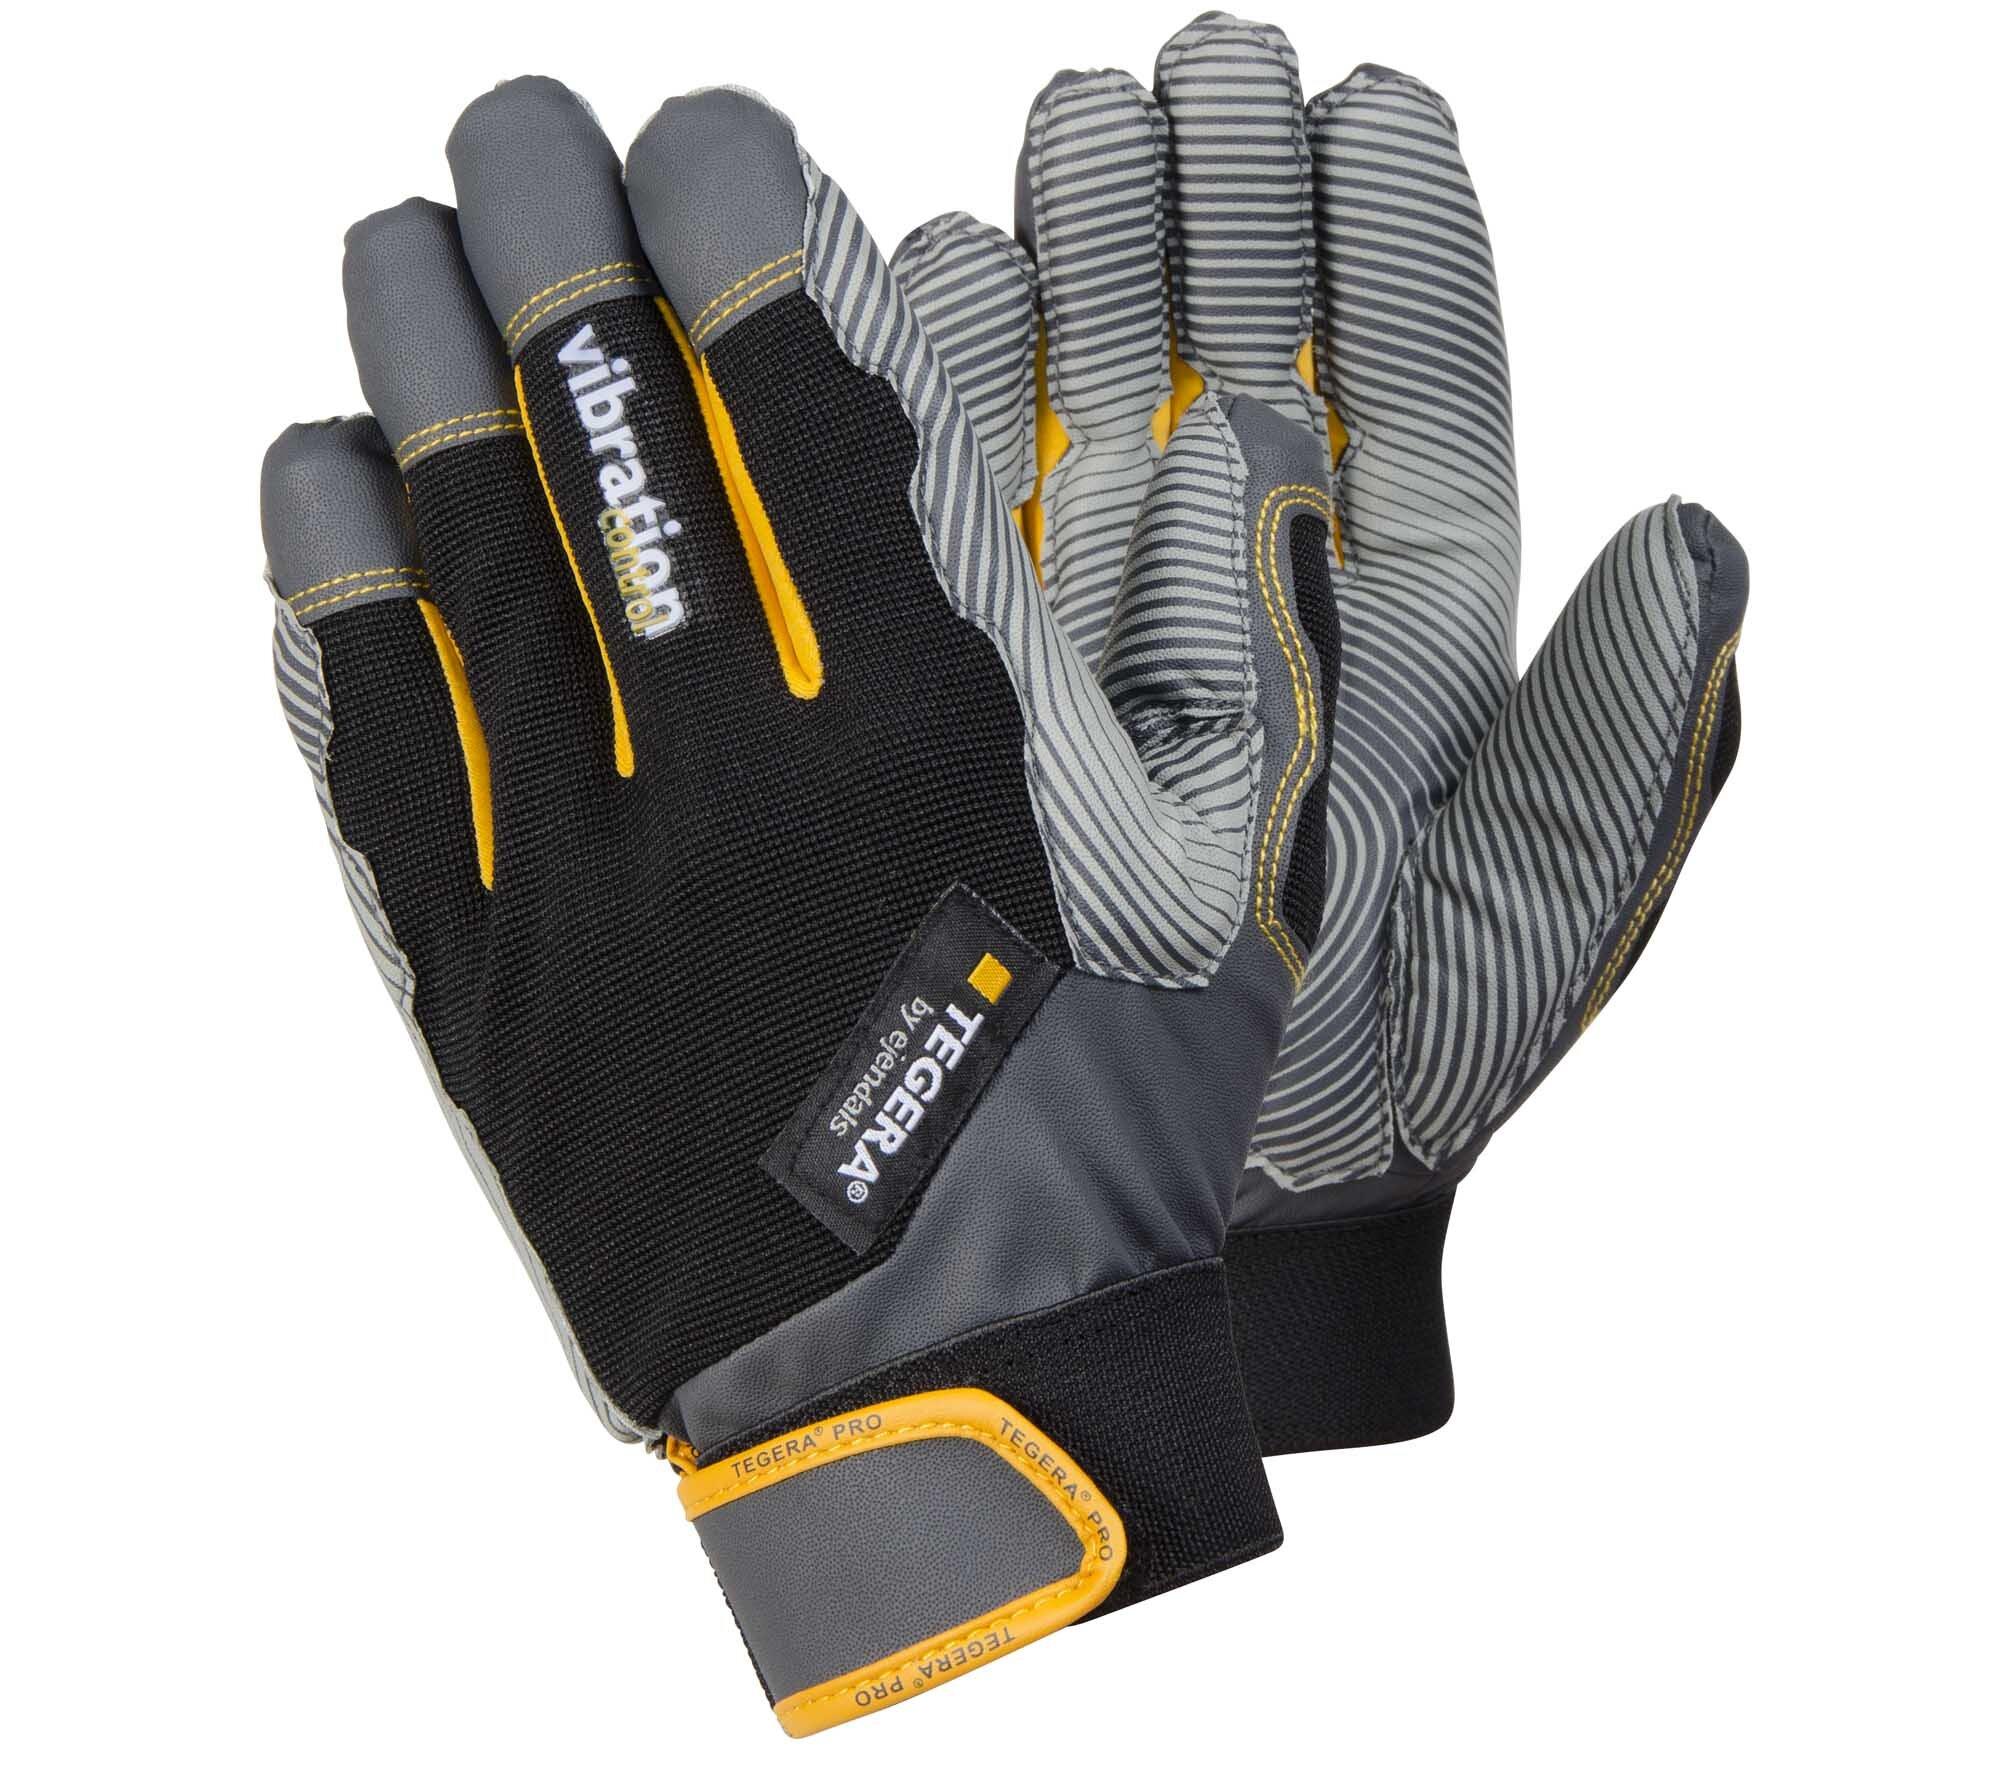 TEGERA 9180 Anti-Vibration Glove (Pair)